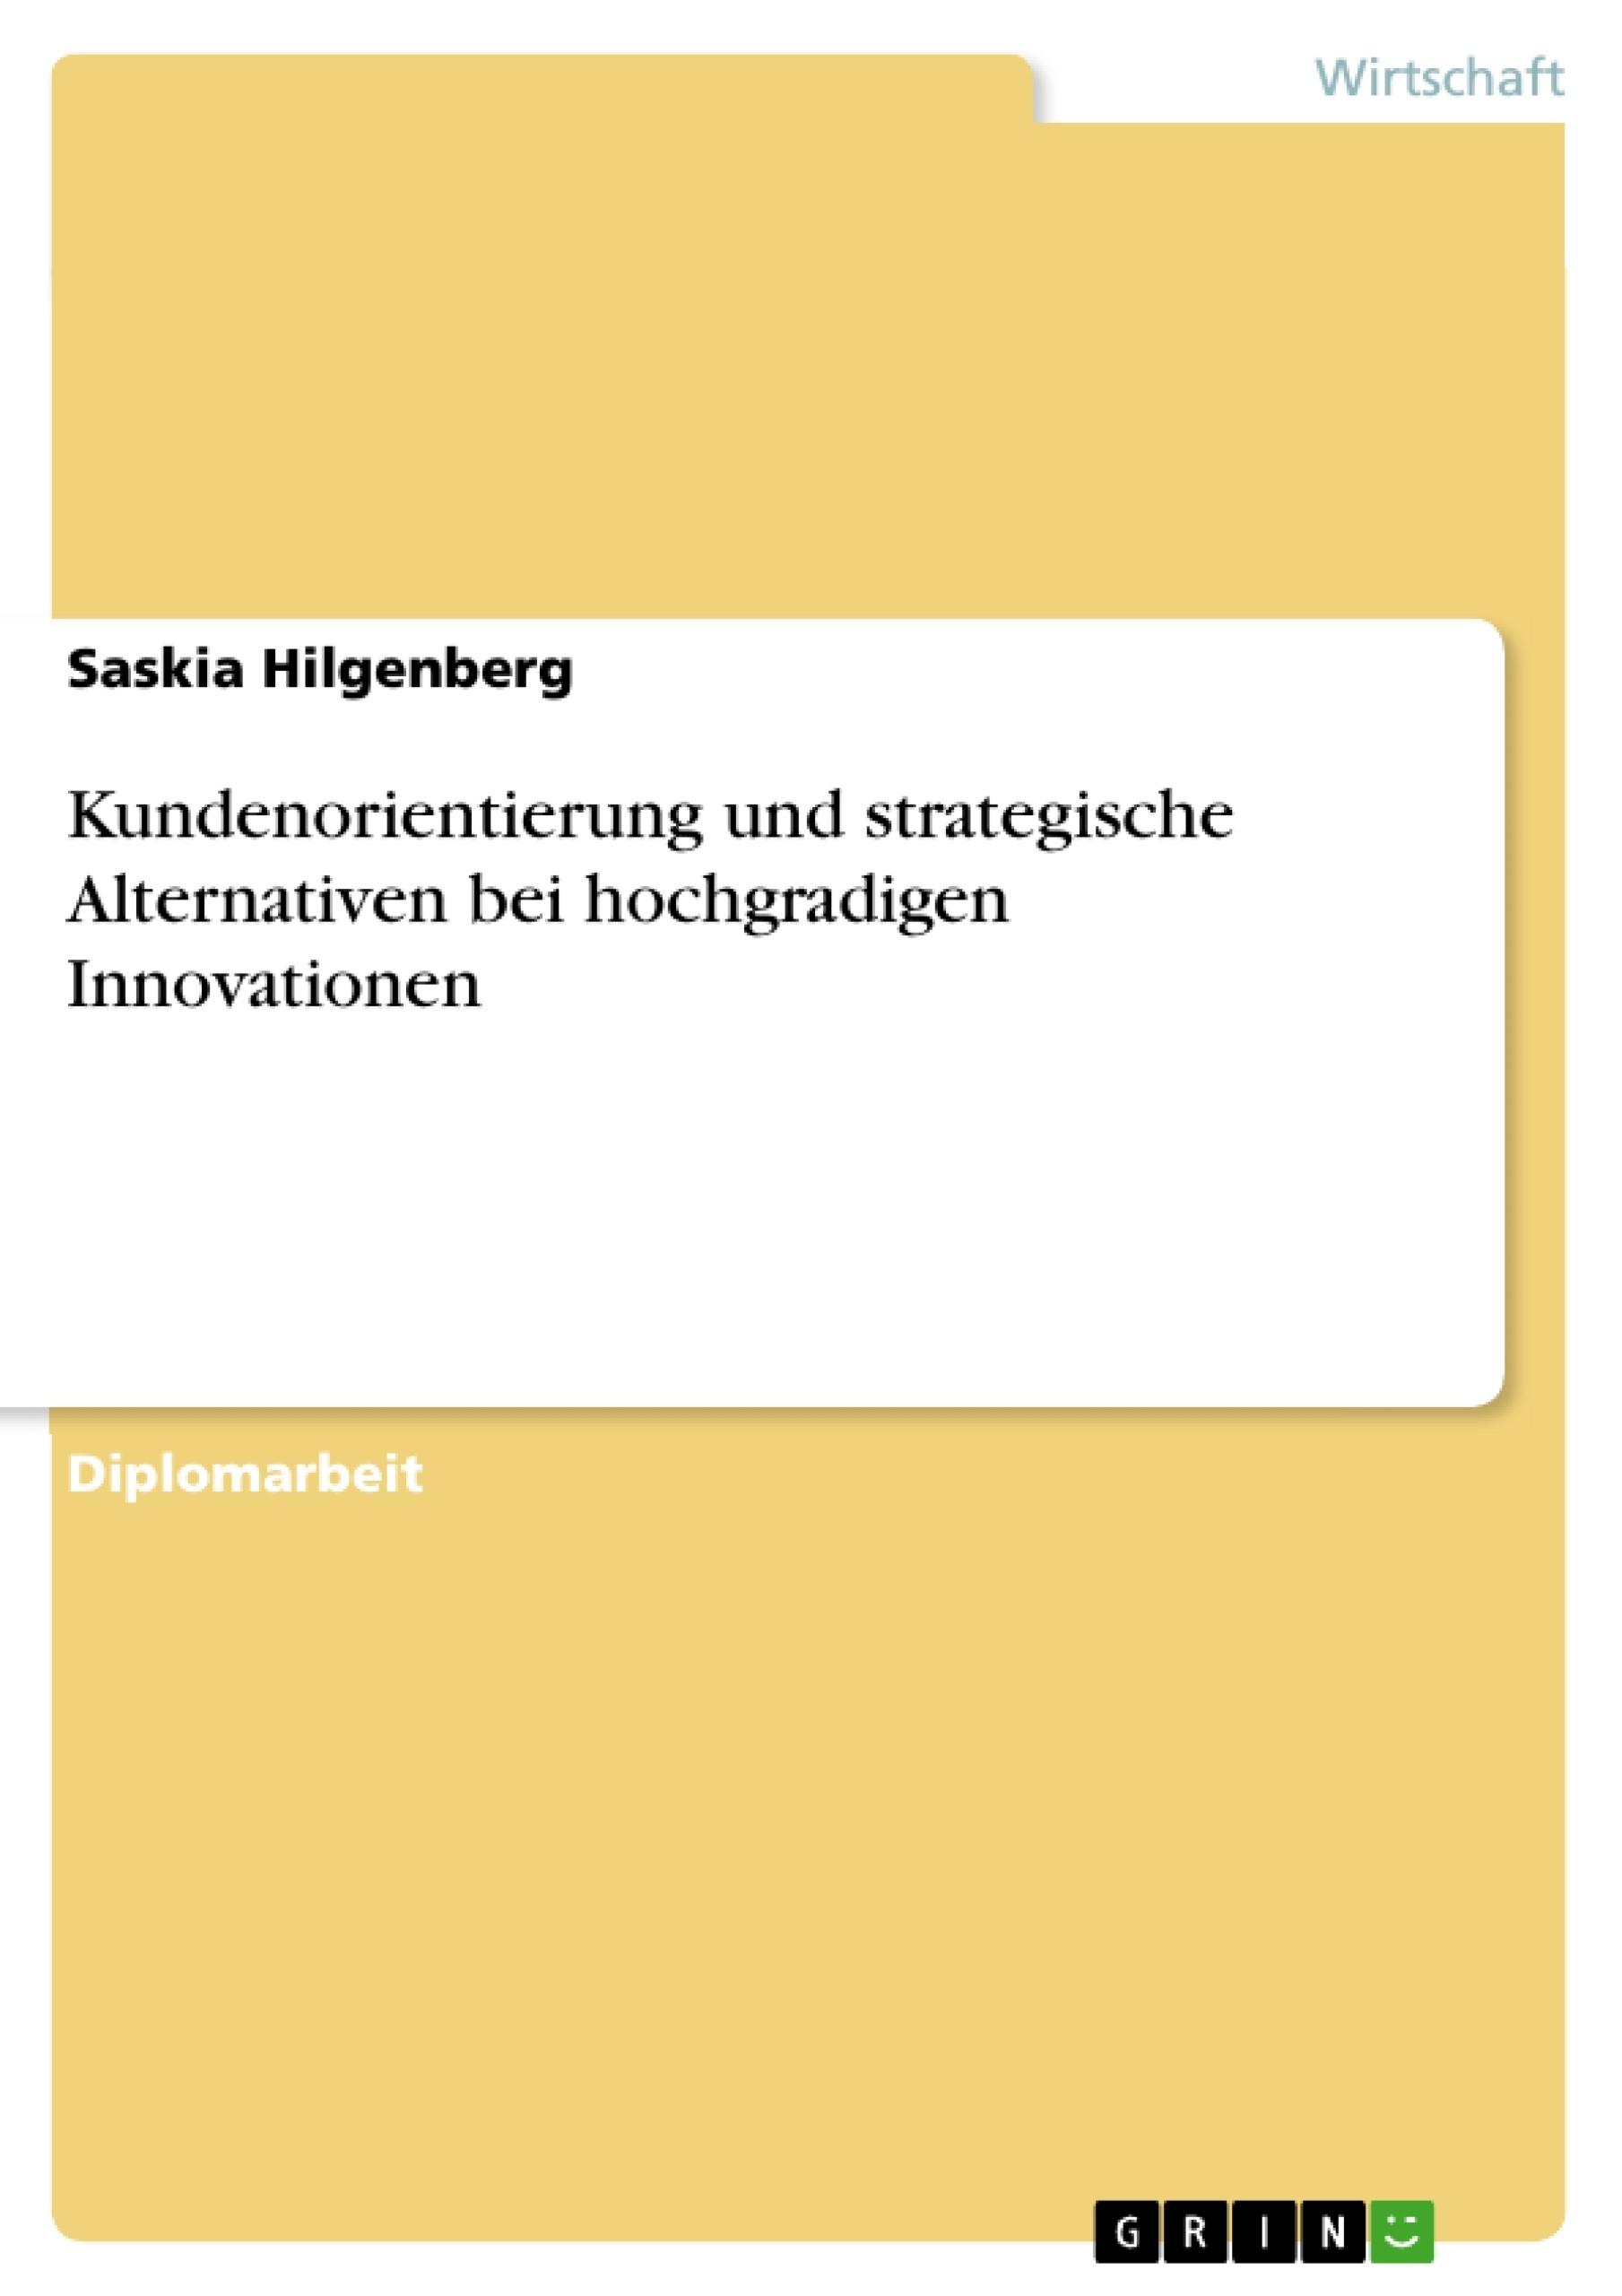 Titel: Kundenorientierung und strategische Alternativen bei hochgradigen Innovationen